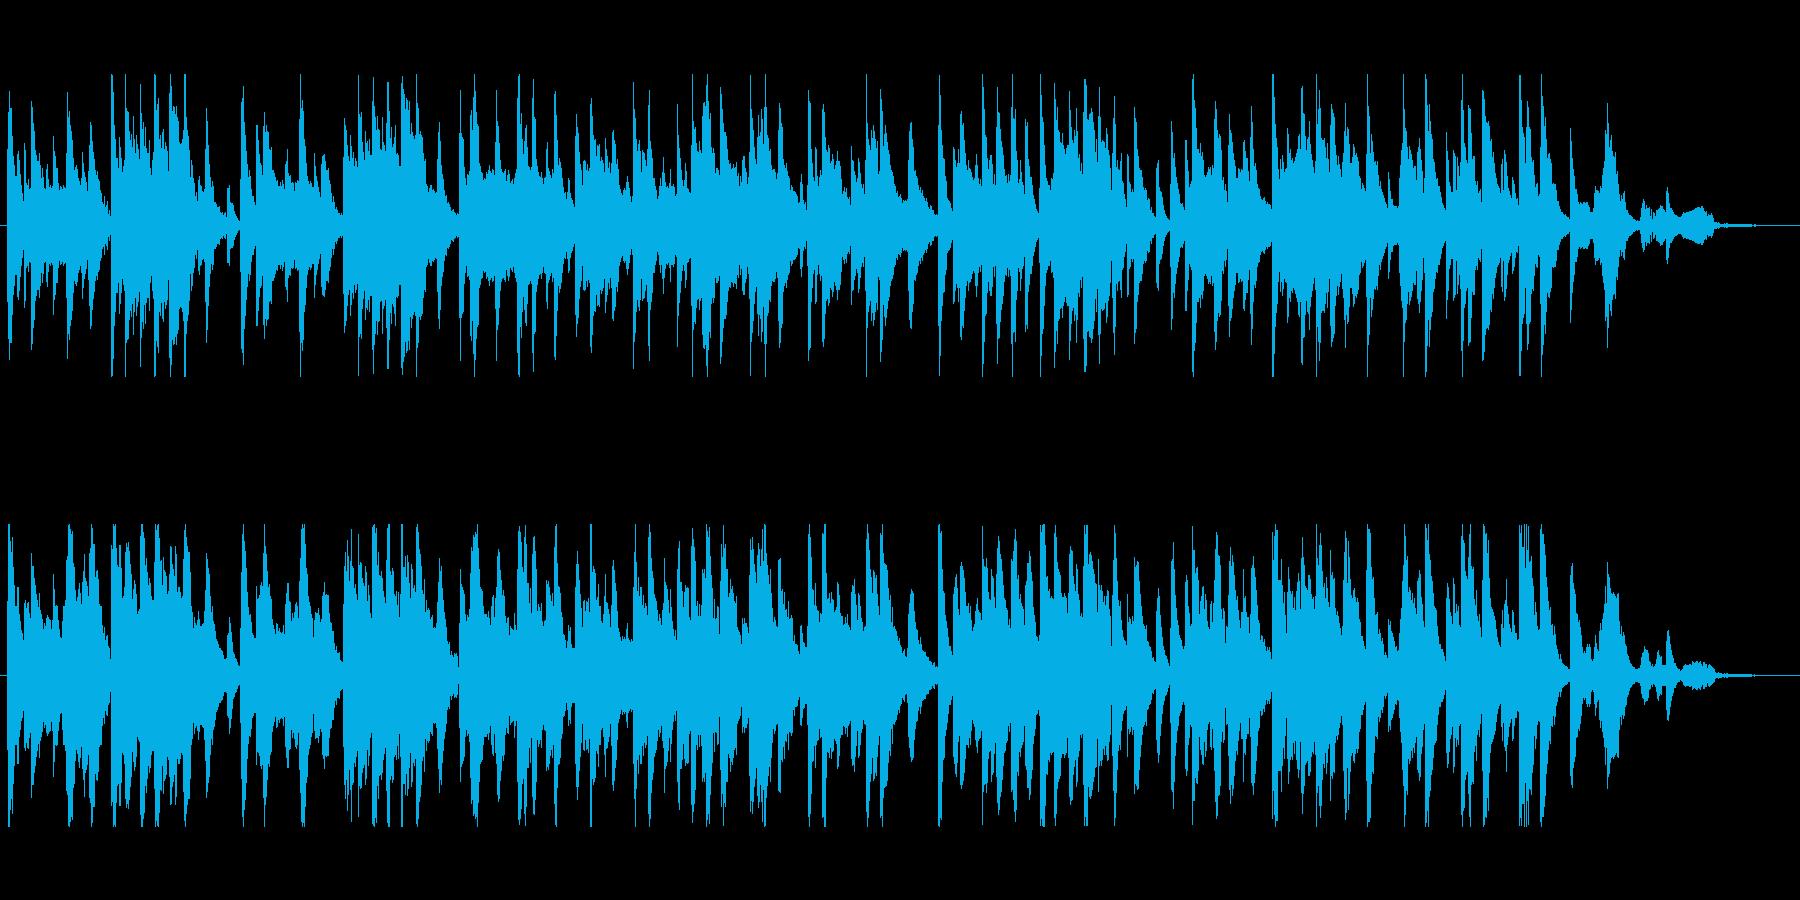 サックスとギターの優しいデュオ・バラードの再生済みの波形